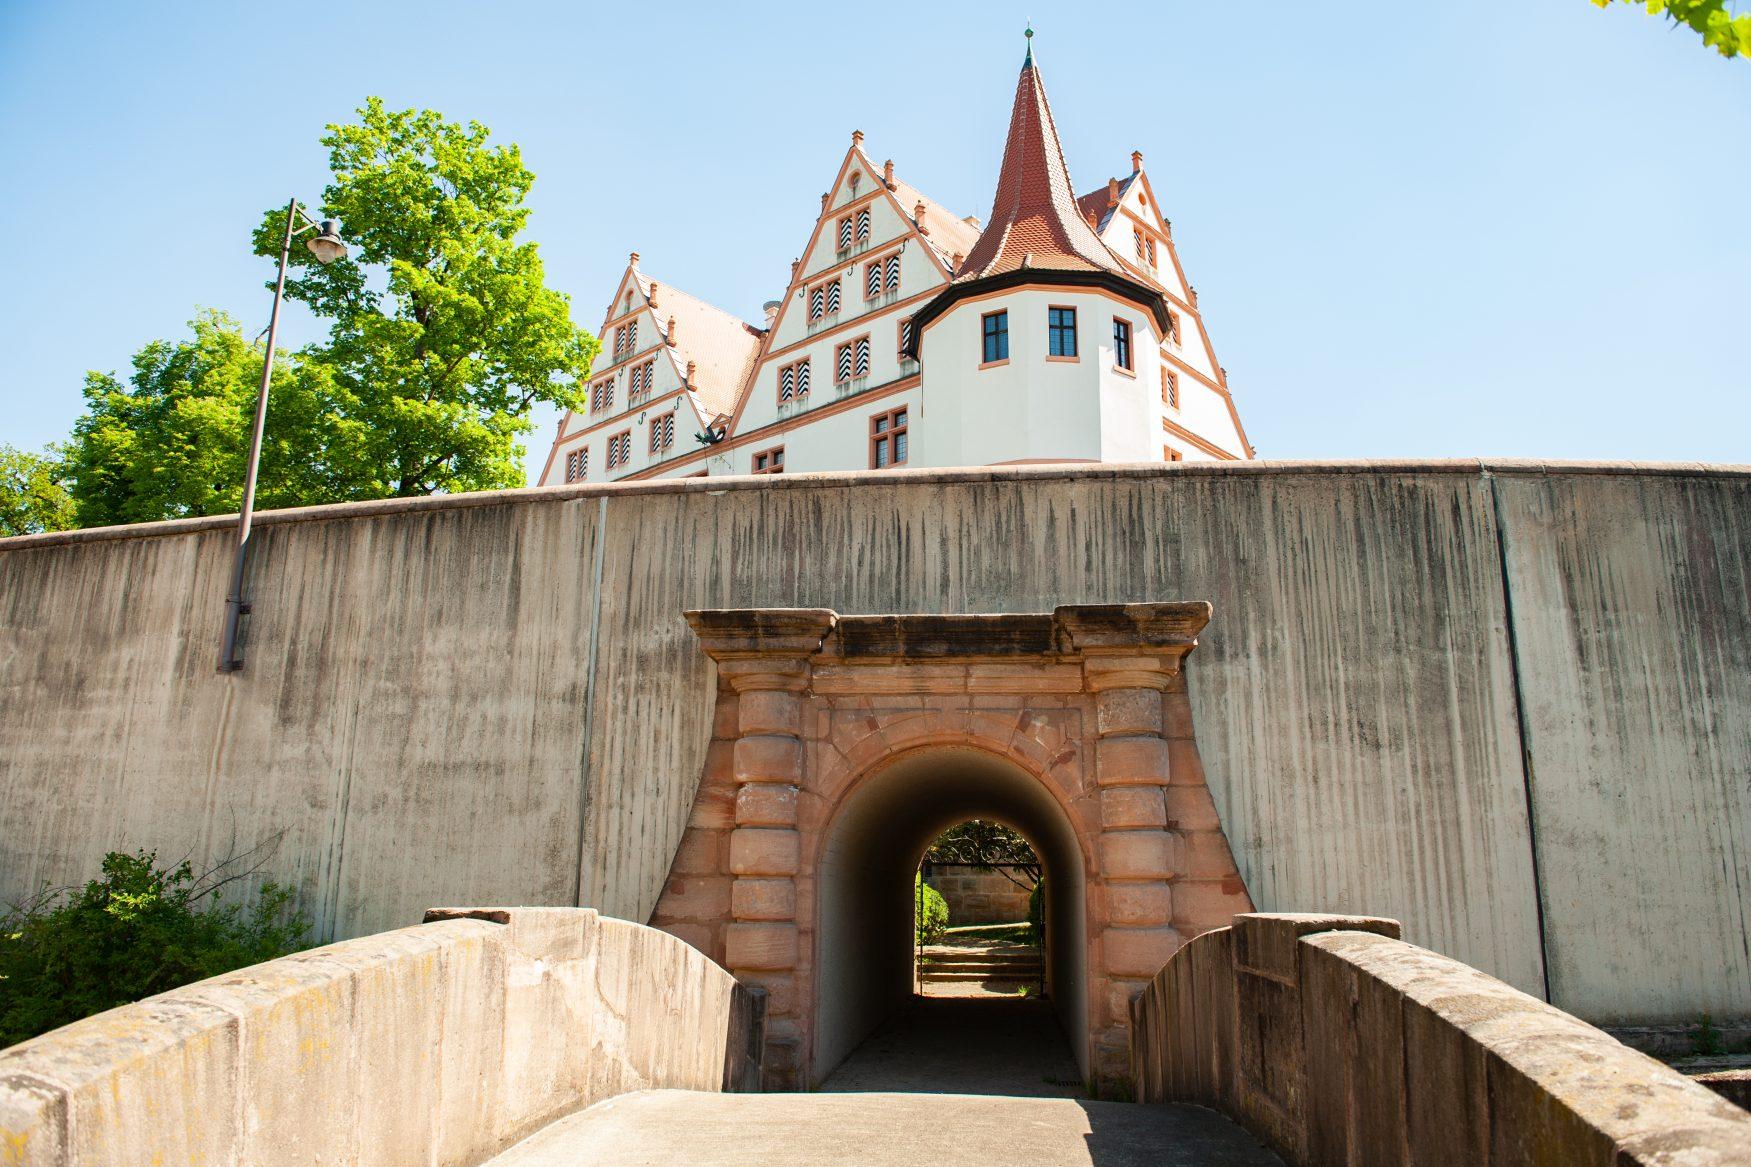 Blick auf die Befestigung von Schloss Ratibor, Foto: Stadt Roth - Tourist-Information